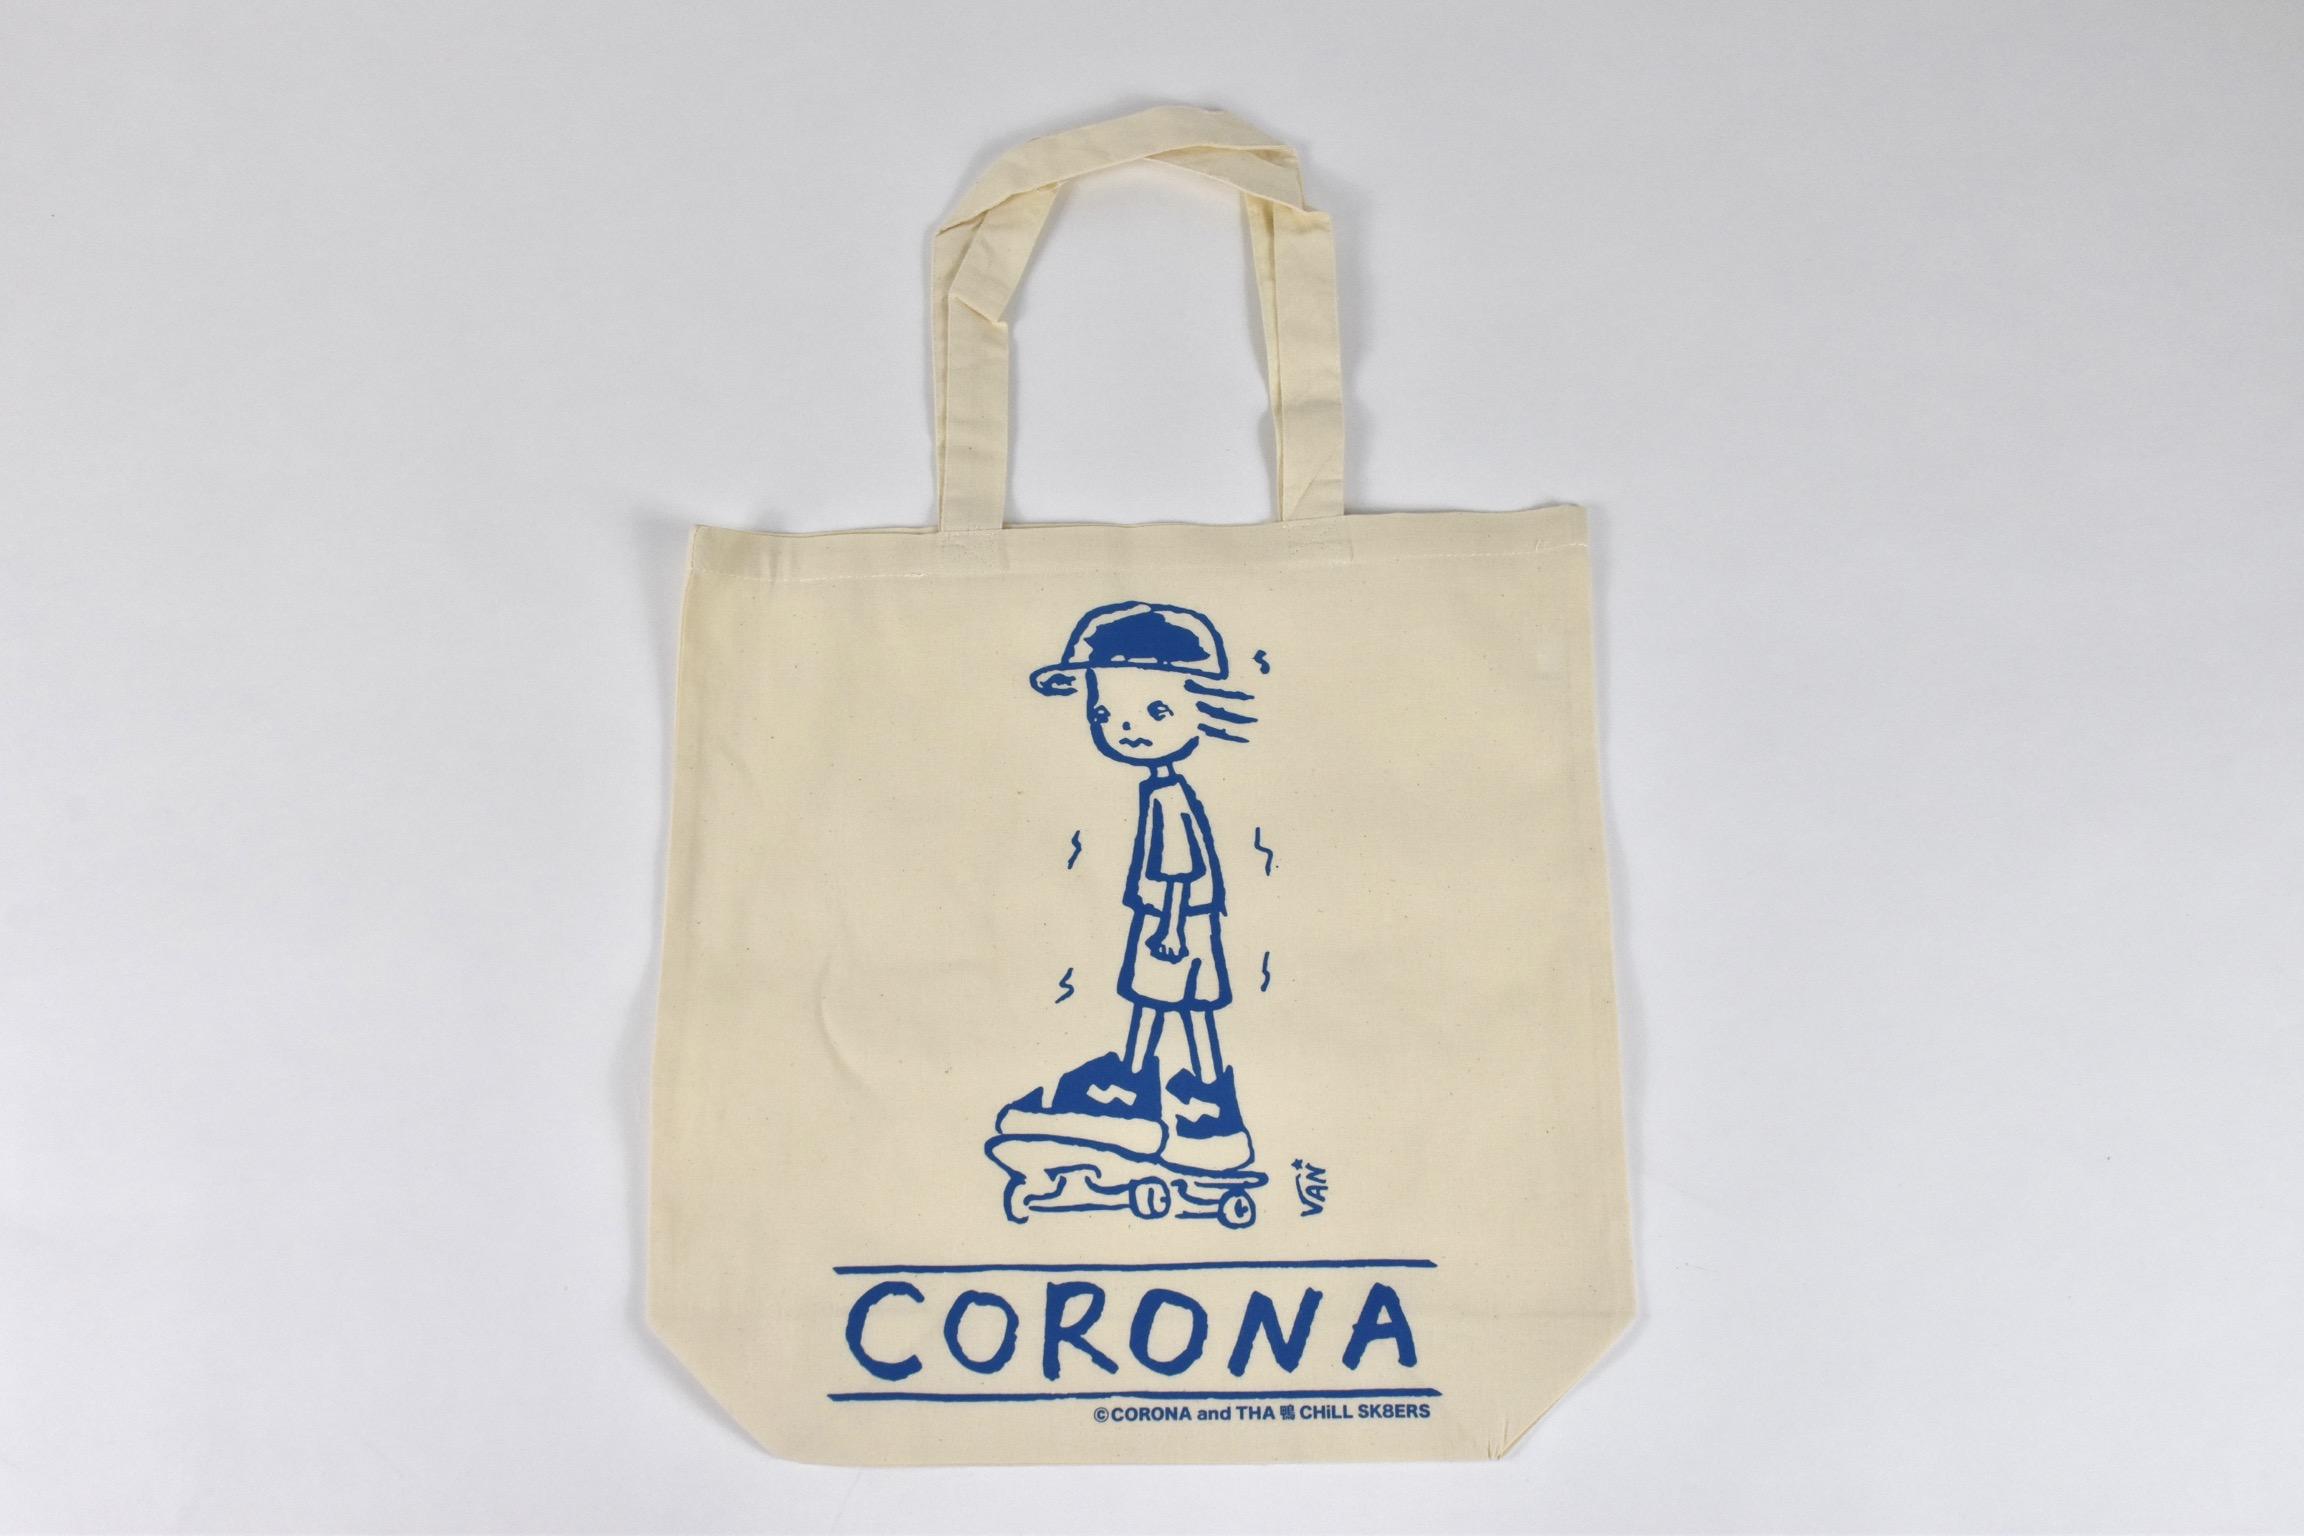 CORONA_TOTE_BAG